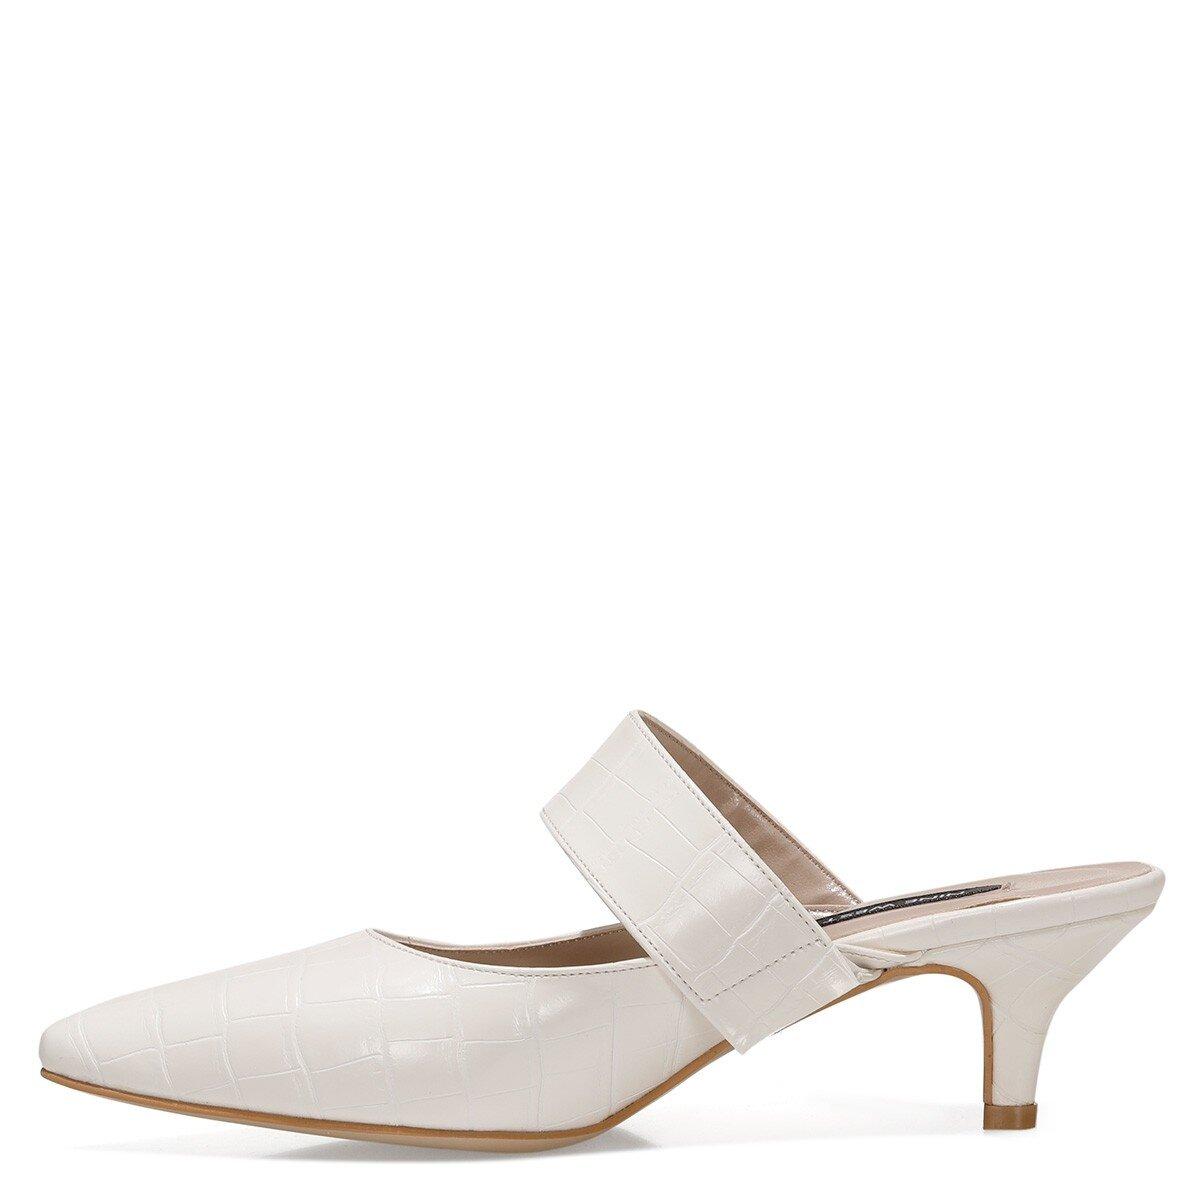 SENNES 1FX Beyaz Kadın Gova Ayakkabı